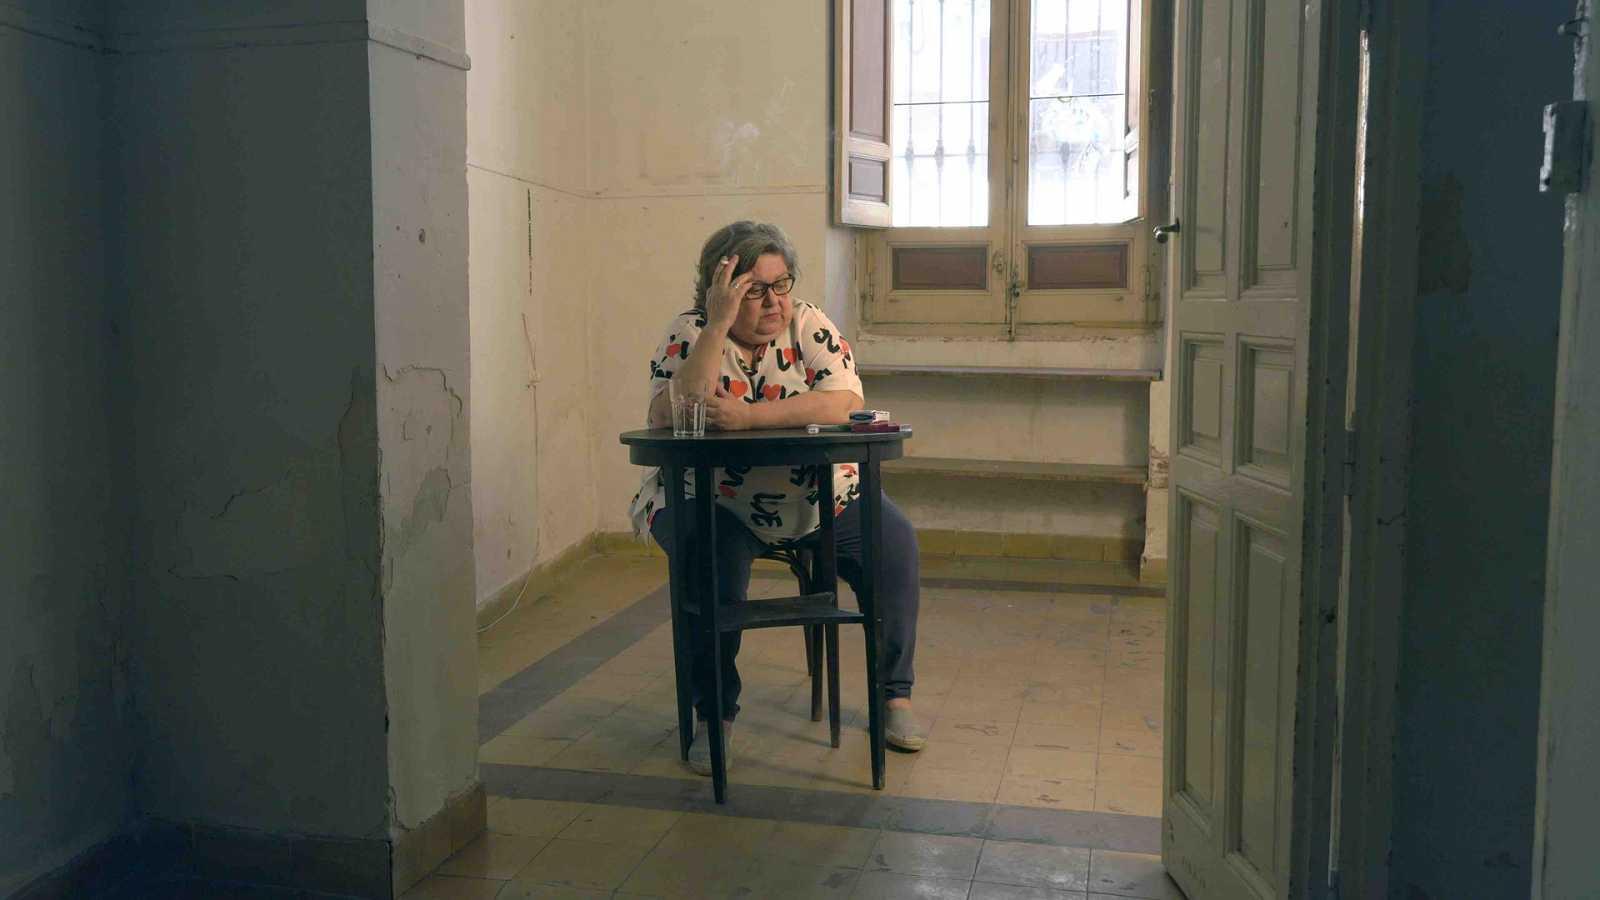 Punto de enlace - Se estrena 'Billy', un documental que ahonda en la Transición - 05/11/20 - escuchar ahora